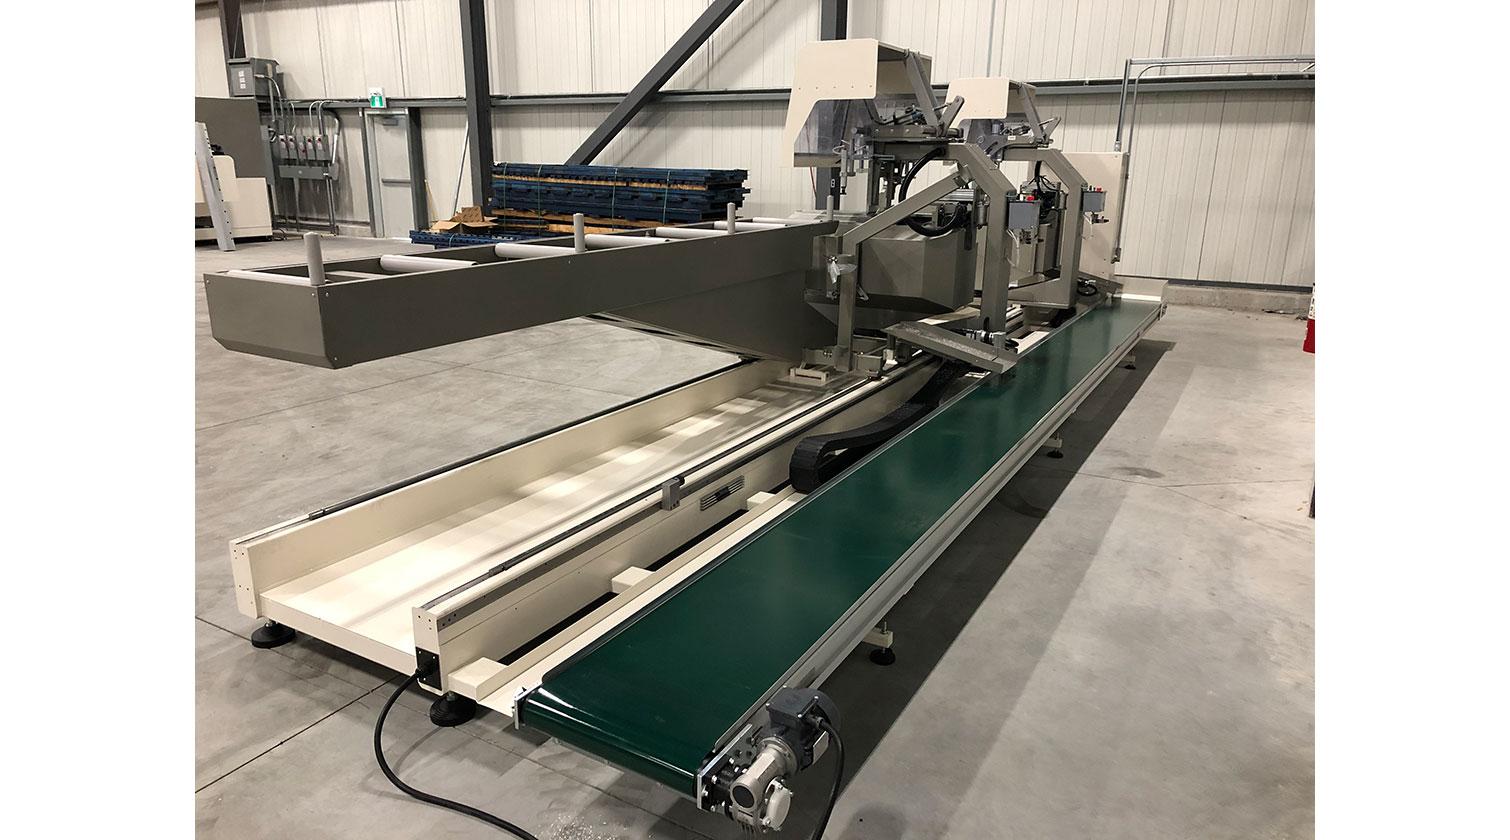 INT aluminum compound double mitre saw Mecal TDC 622 Edgemaster scrap pieces unloading comnveyor